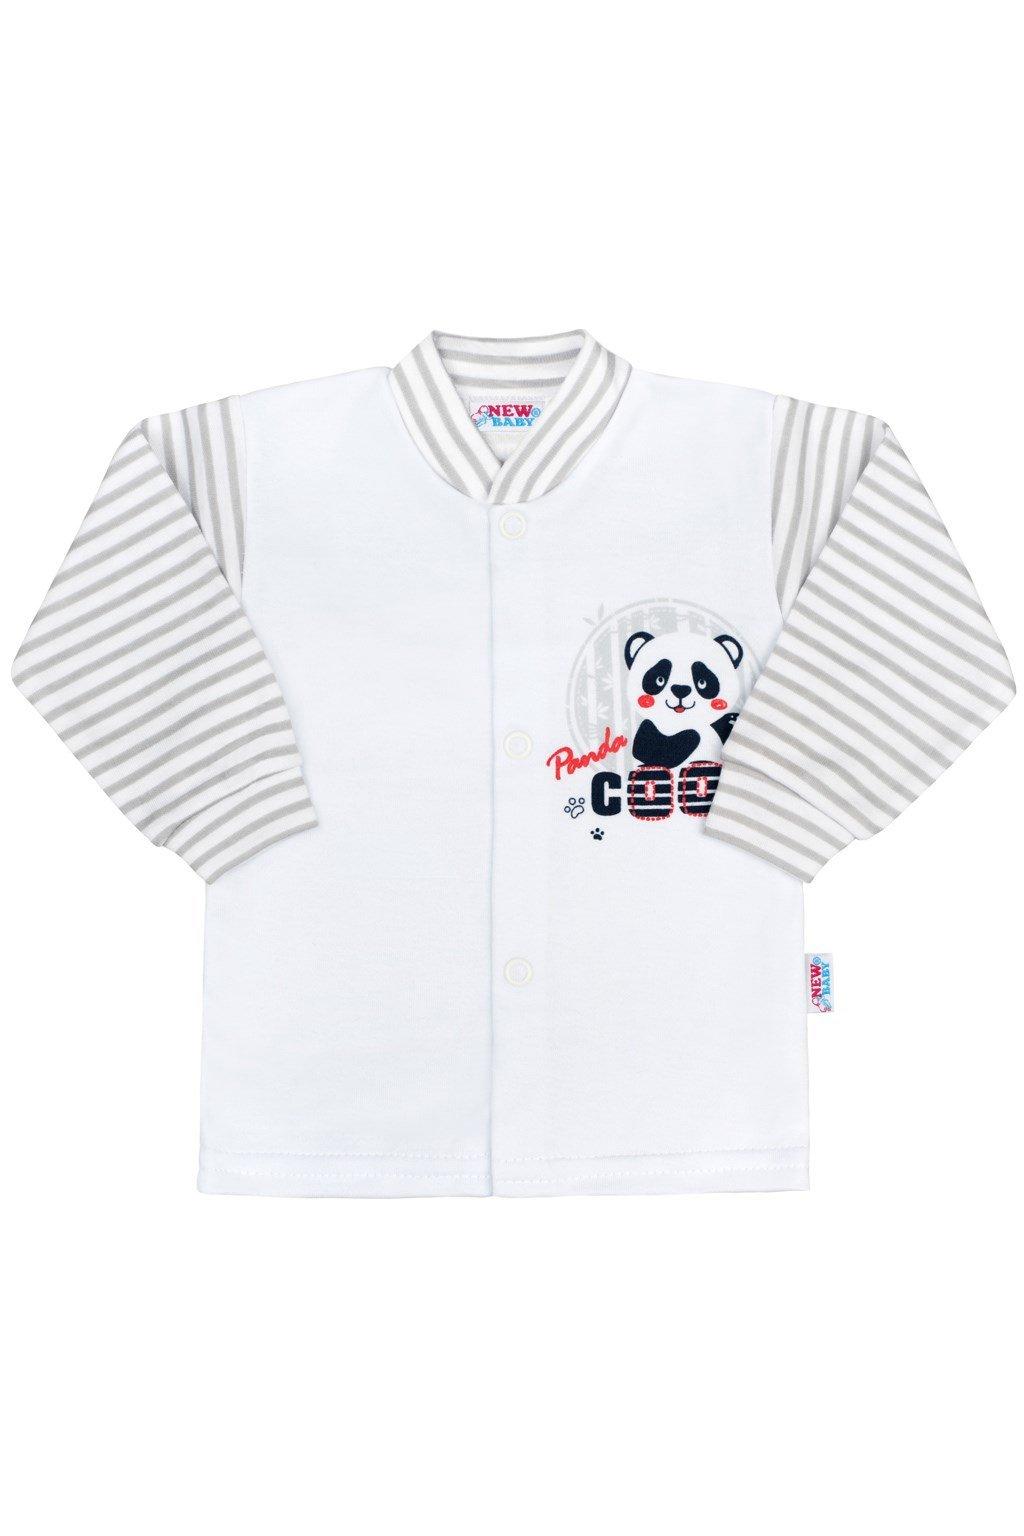 Dojčenský kabátik New Baby Panda NJSK 35699